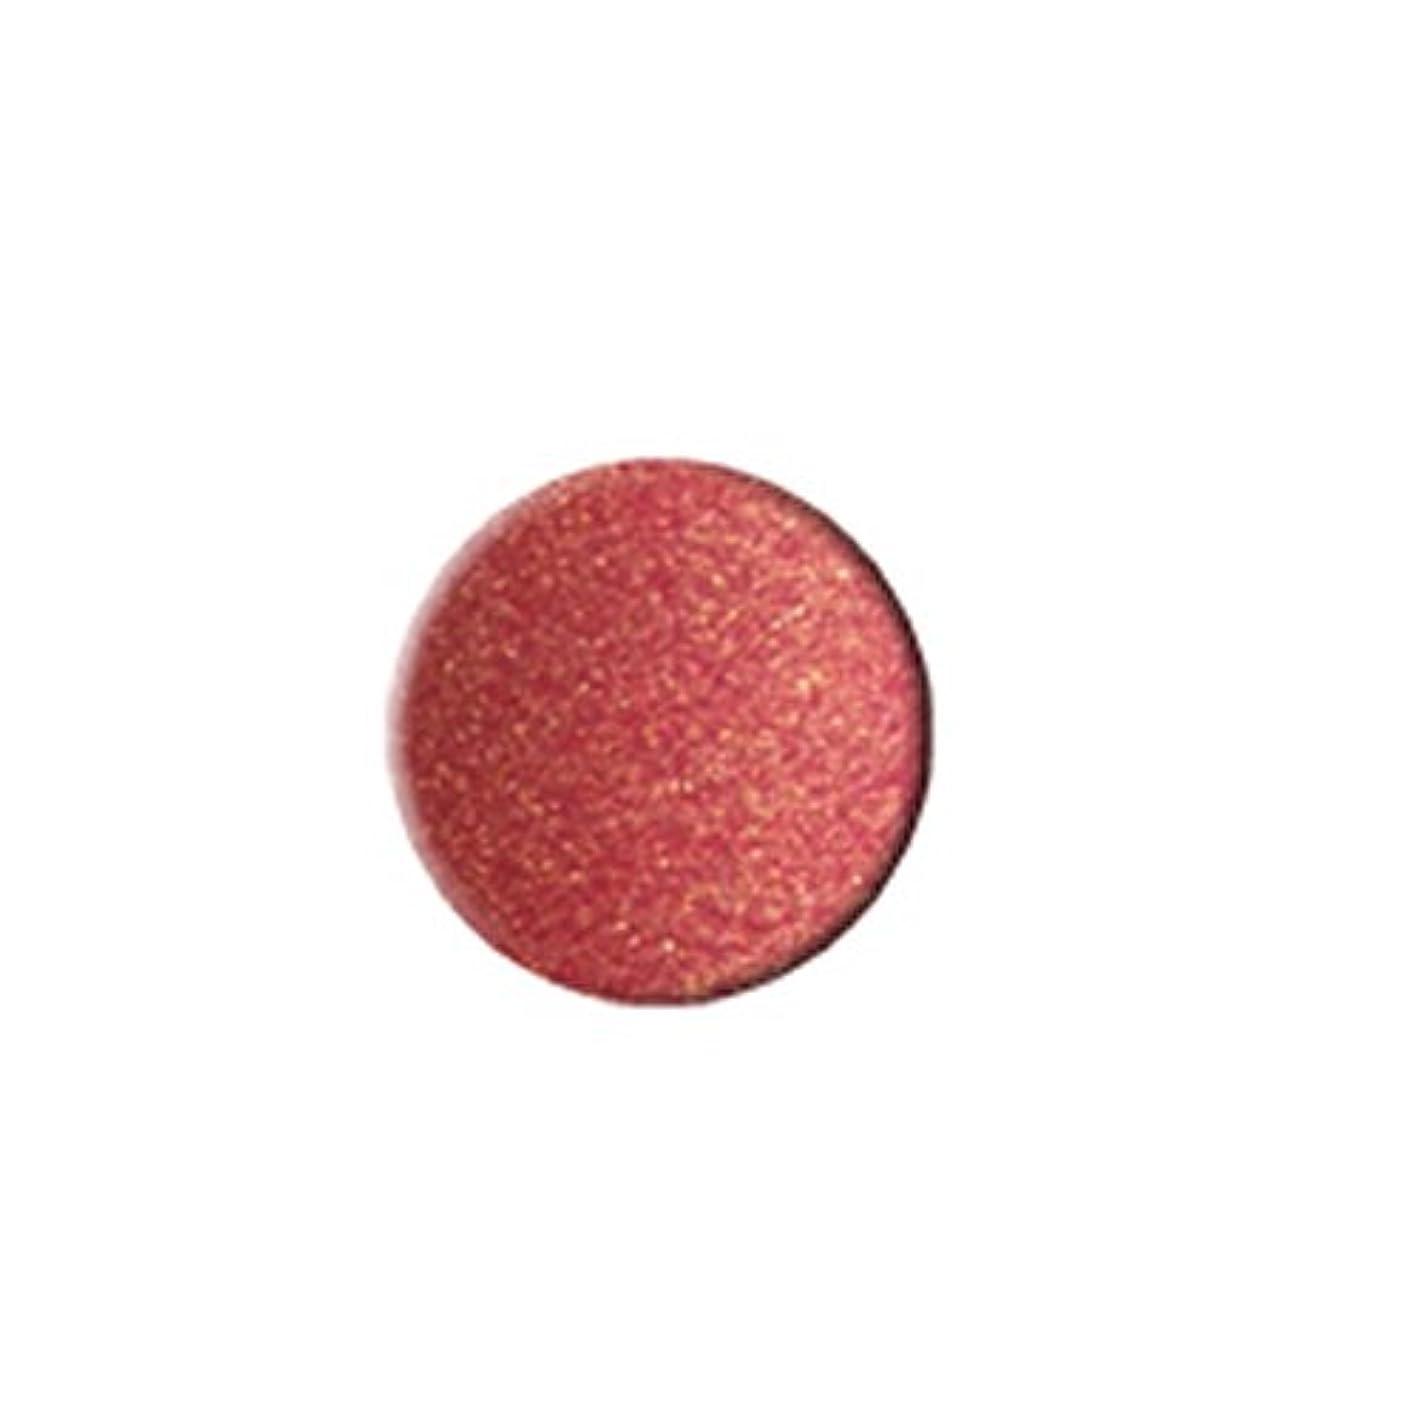 妨げるエスカレーター不誠実(6 Pack) KLEANCOLOR Everlasting Lipstick - Iced Pink (並行輸入品)